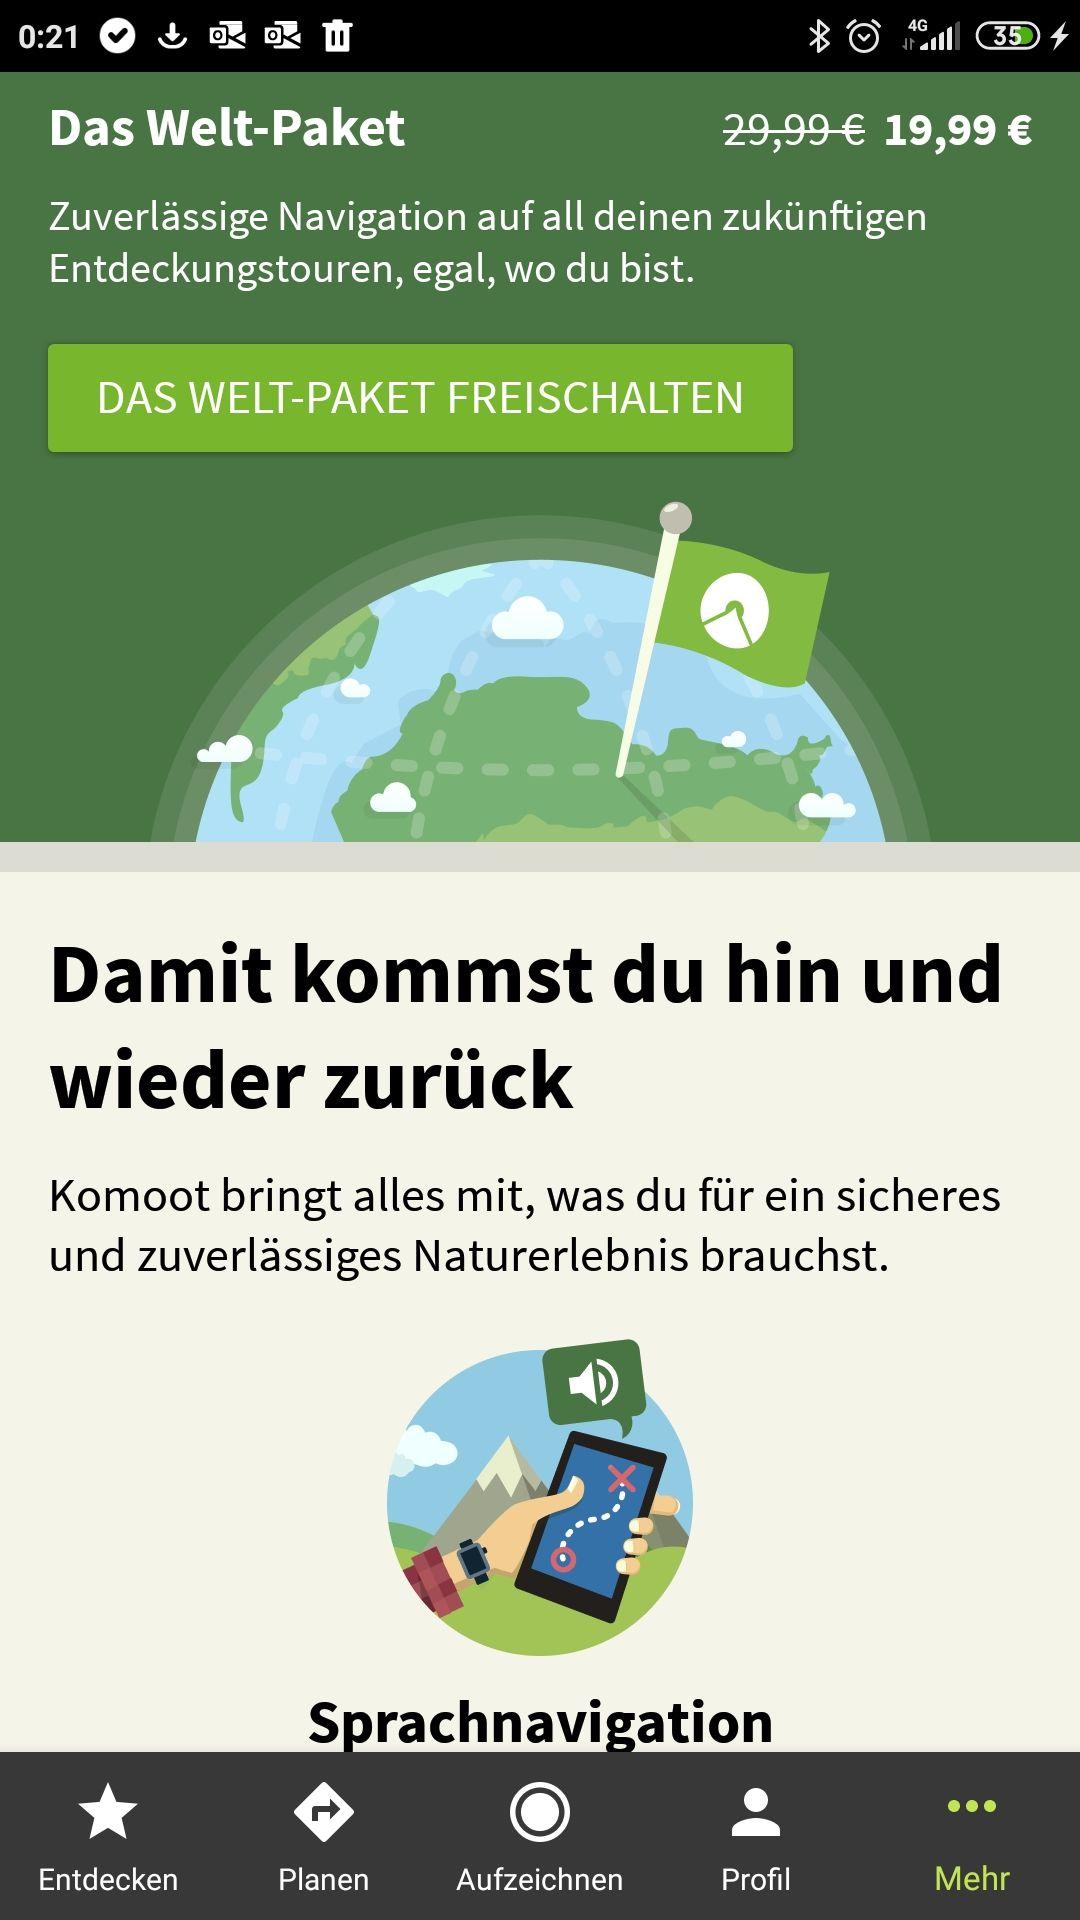 Komoot Welt-Paket 10€ günstiger